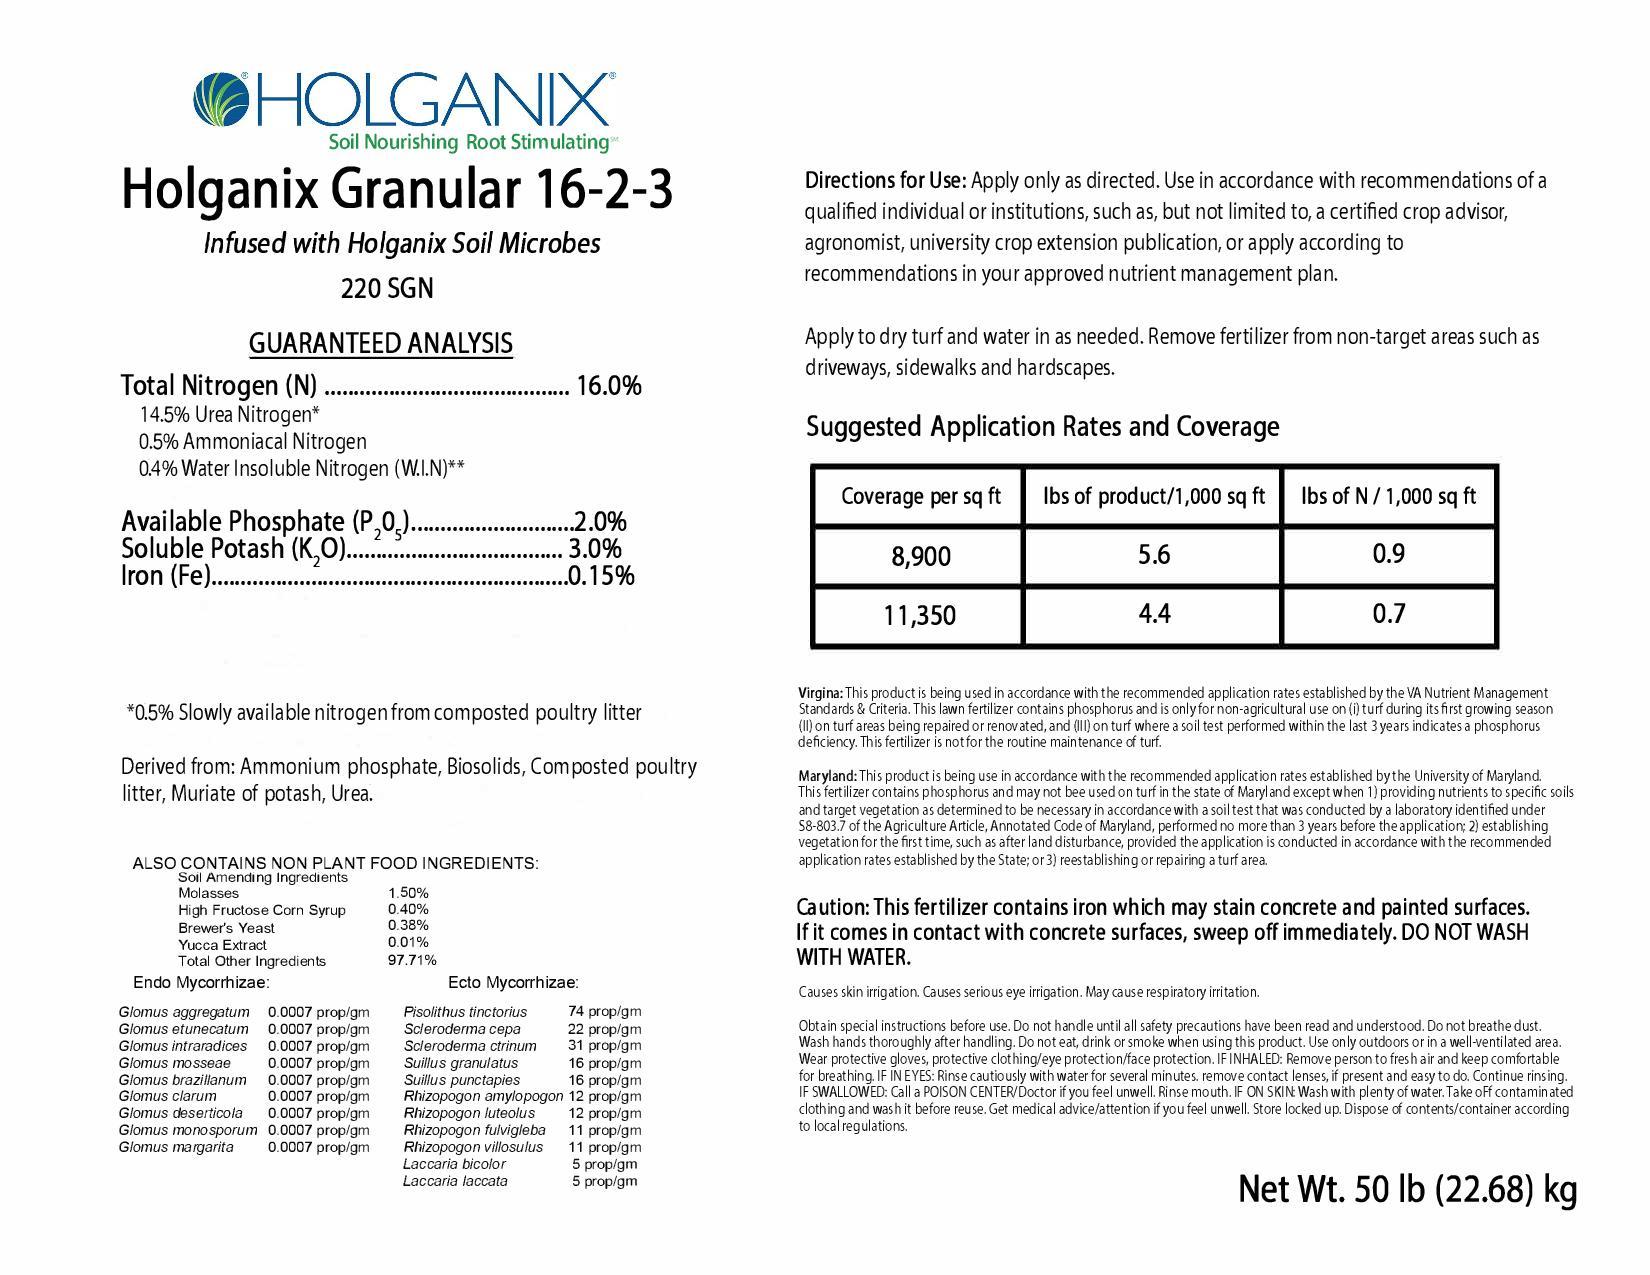 Holganix 16-2-3